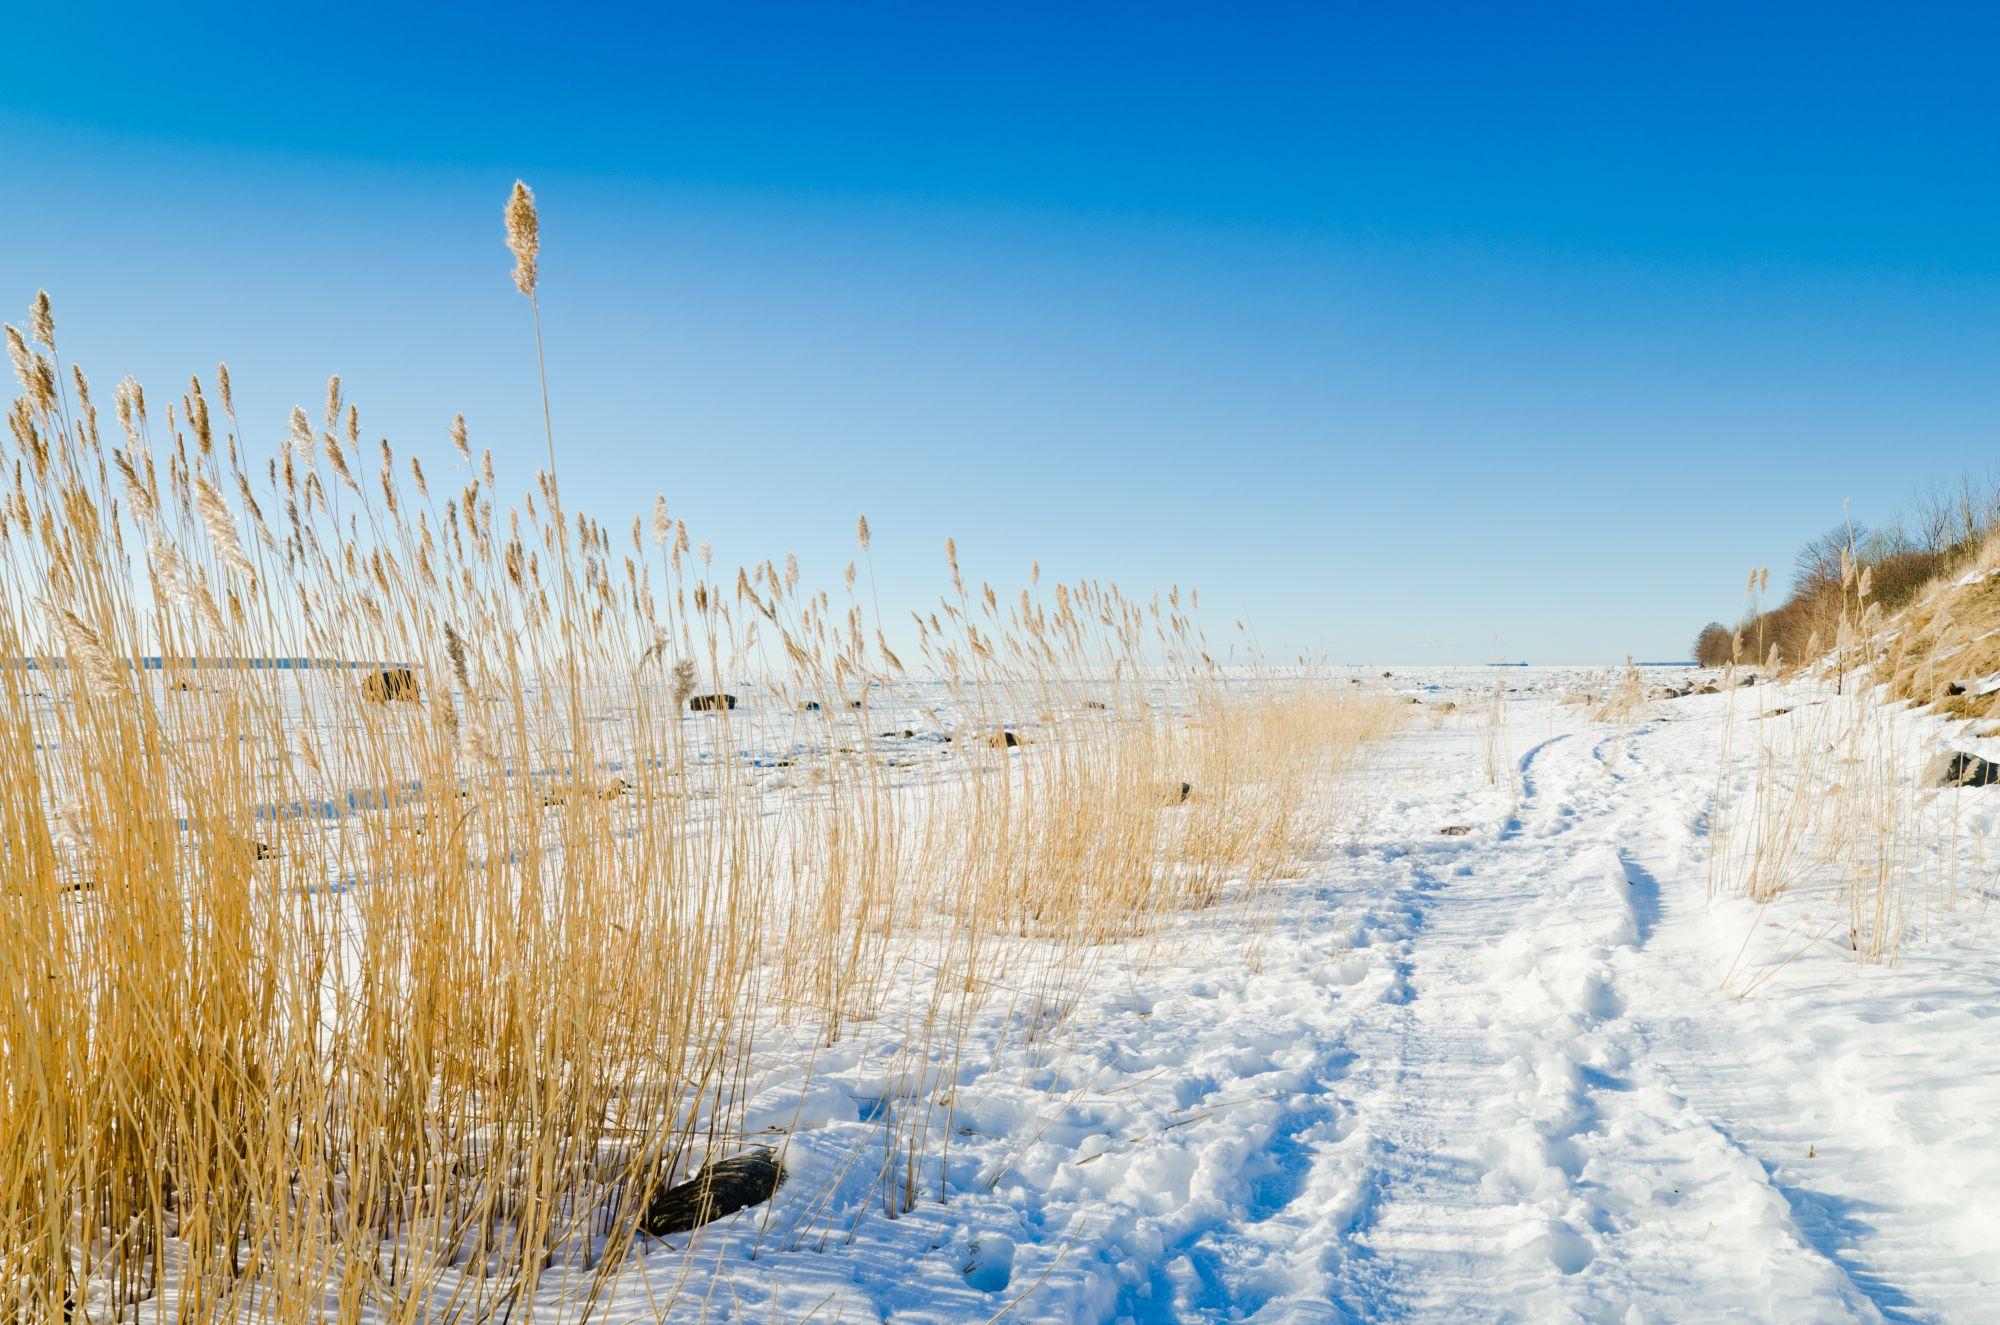 Bałtyk plaża zimą